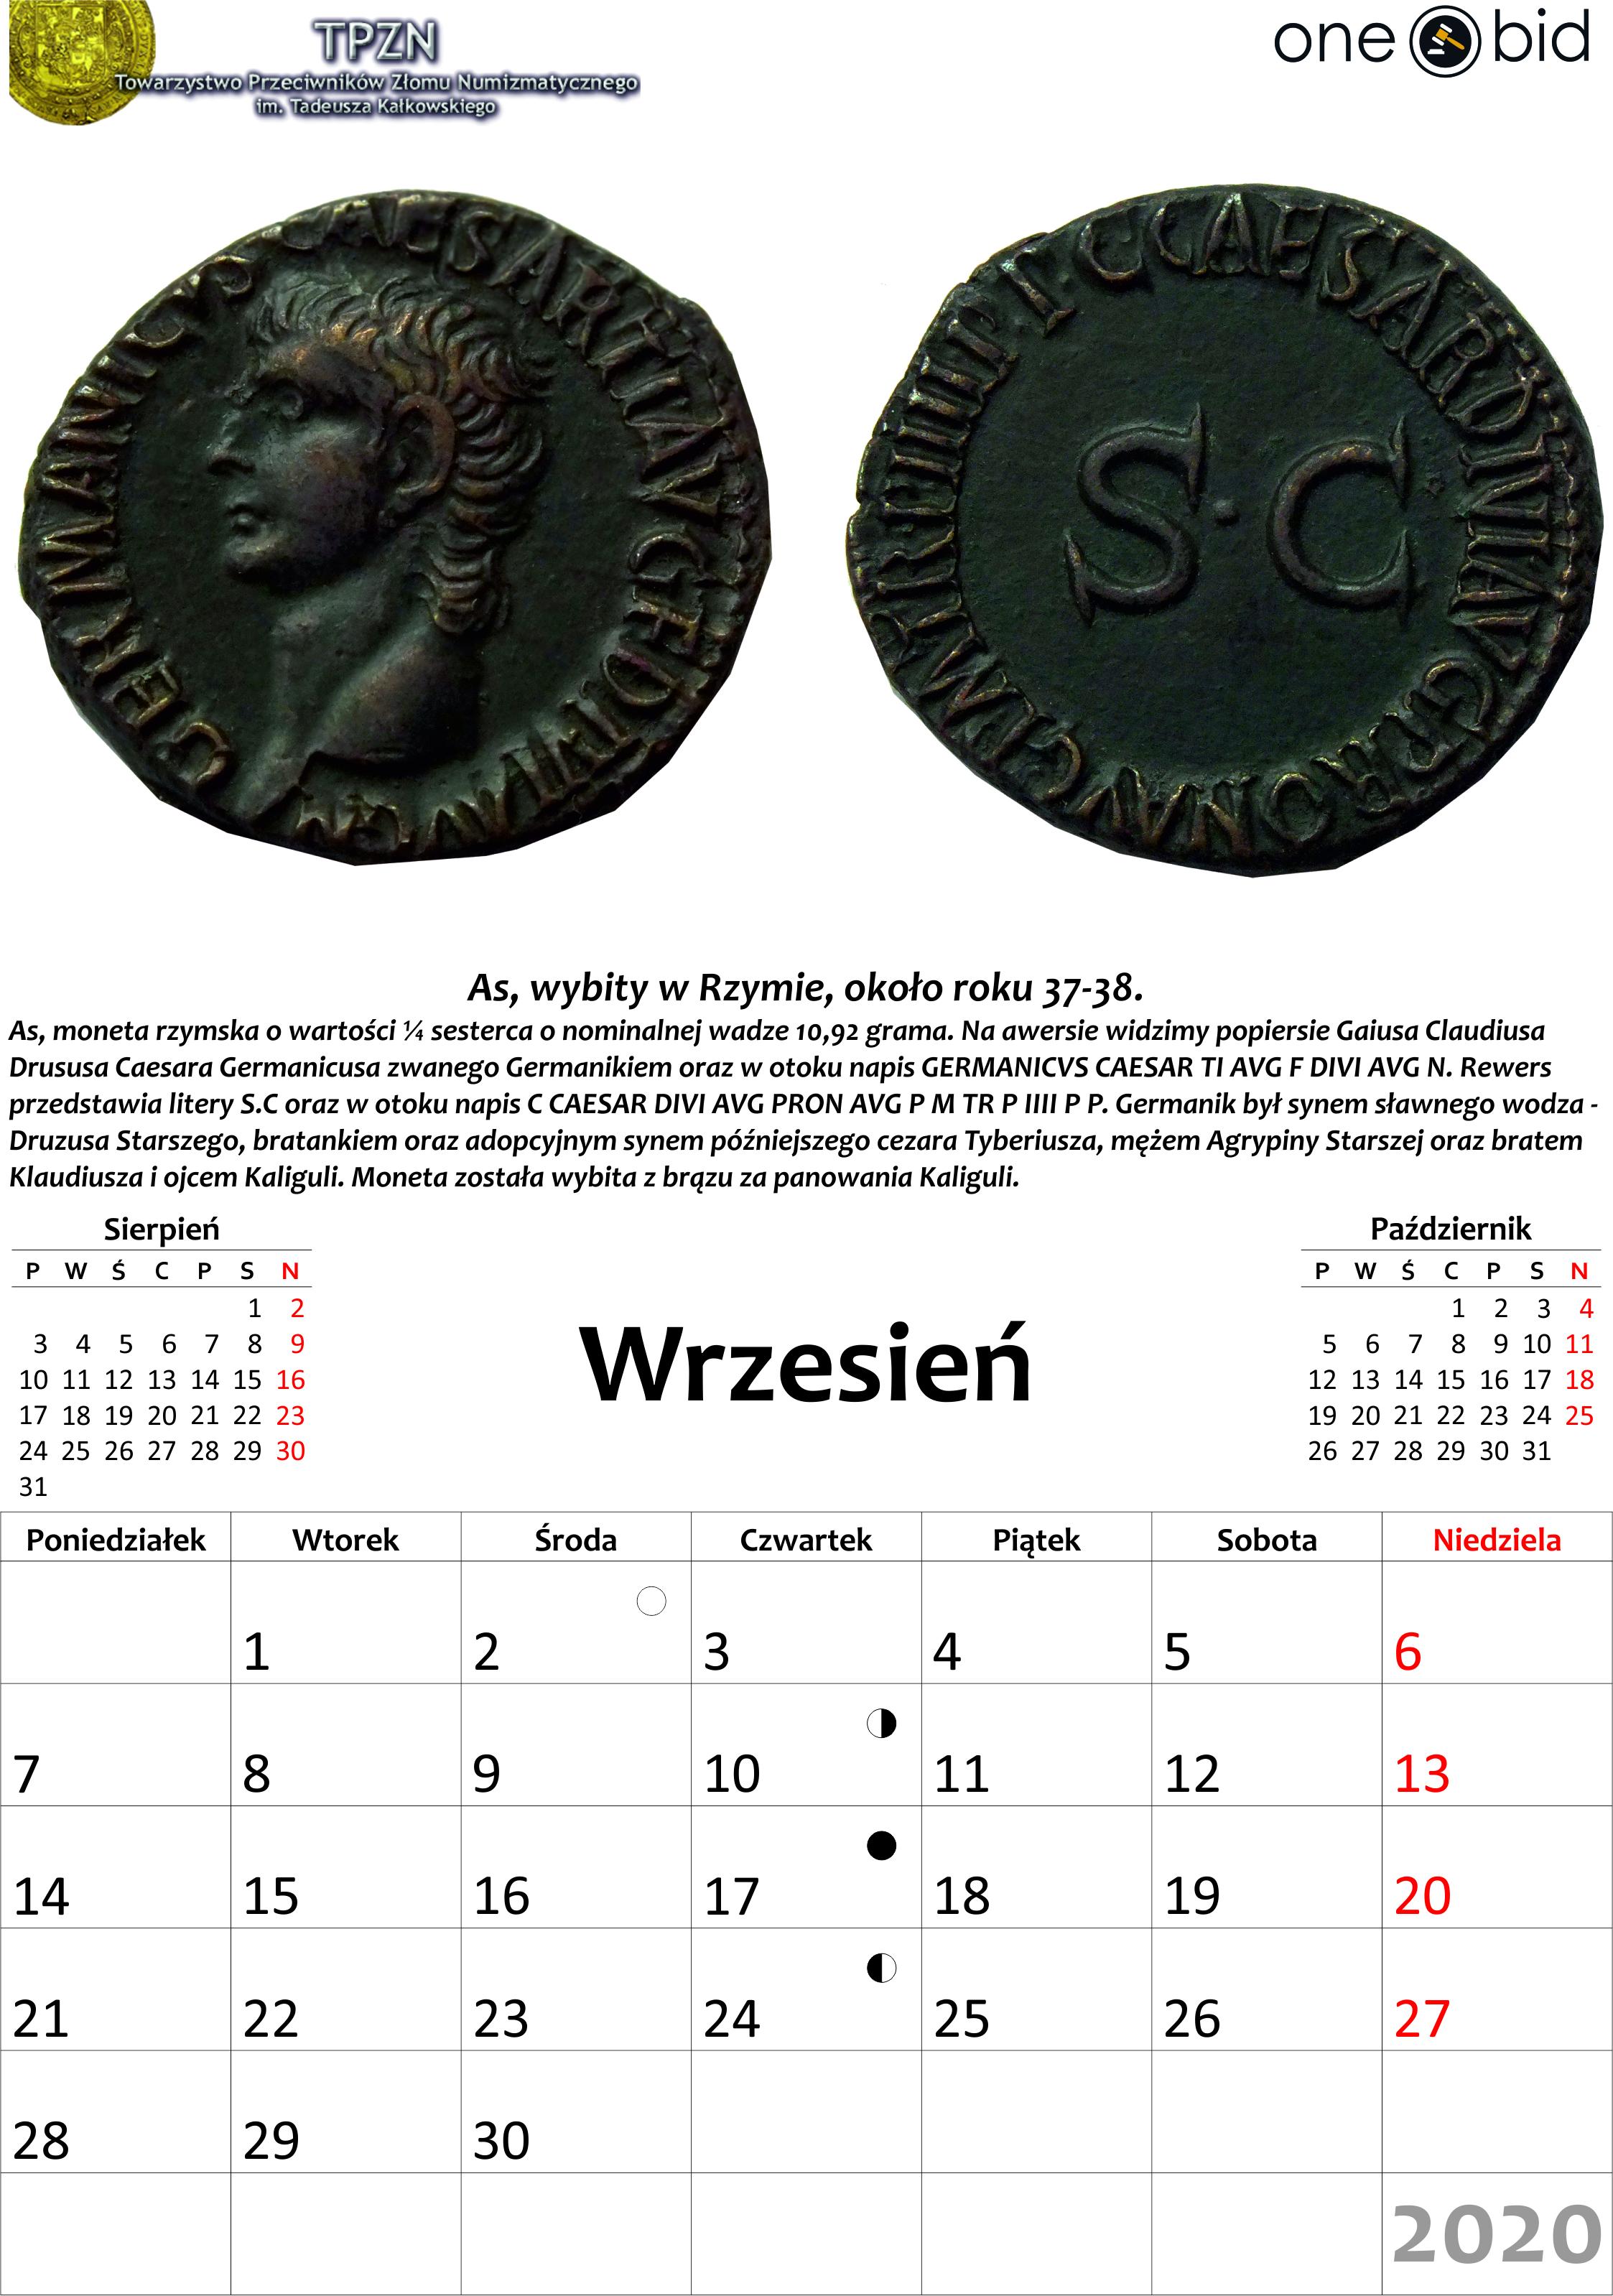 http://info.tpzn.pl/kalendarze/kalendarz2020/wrzesien.jpg